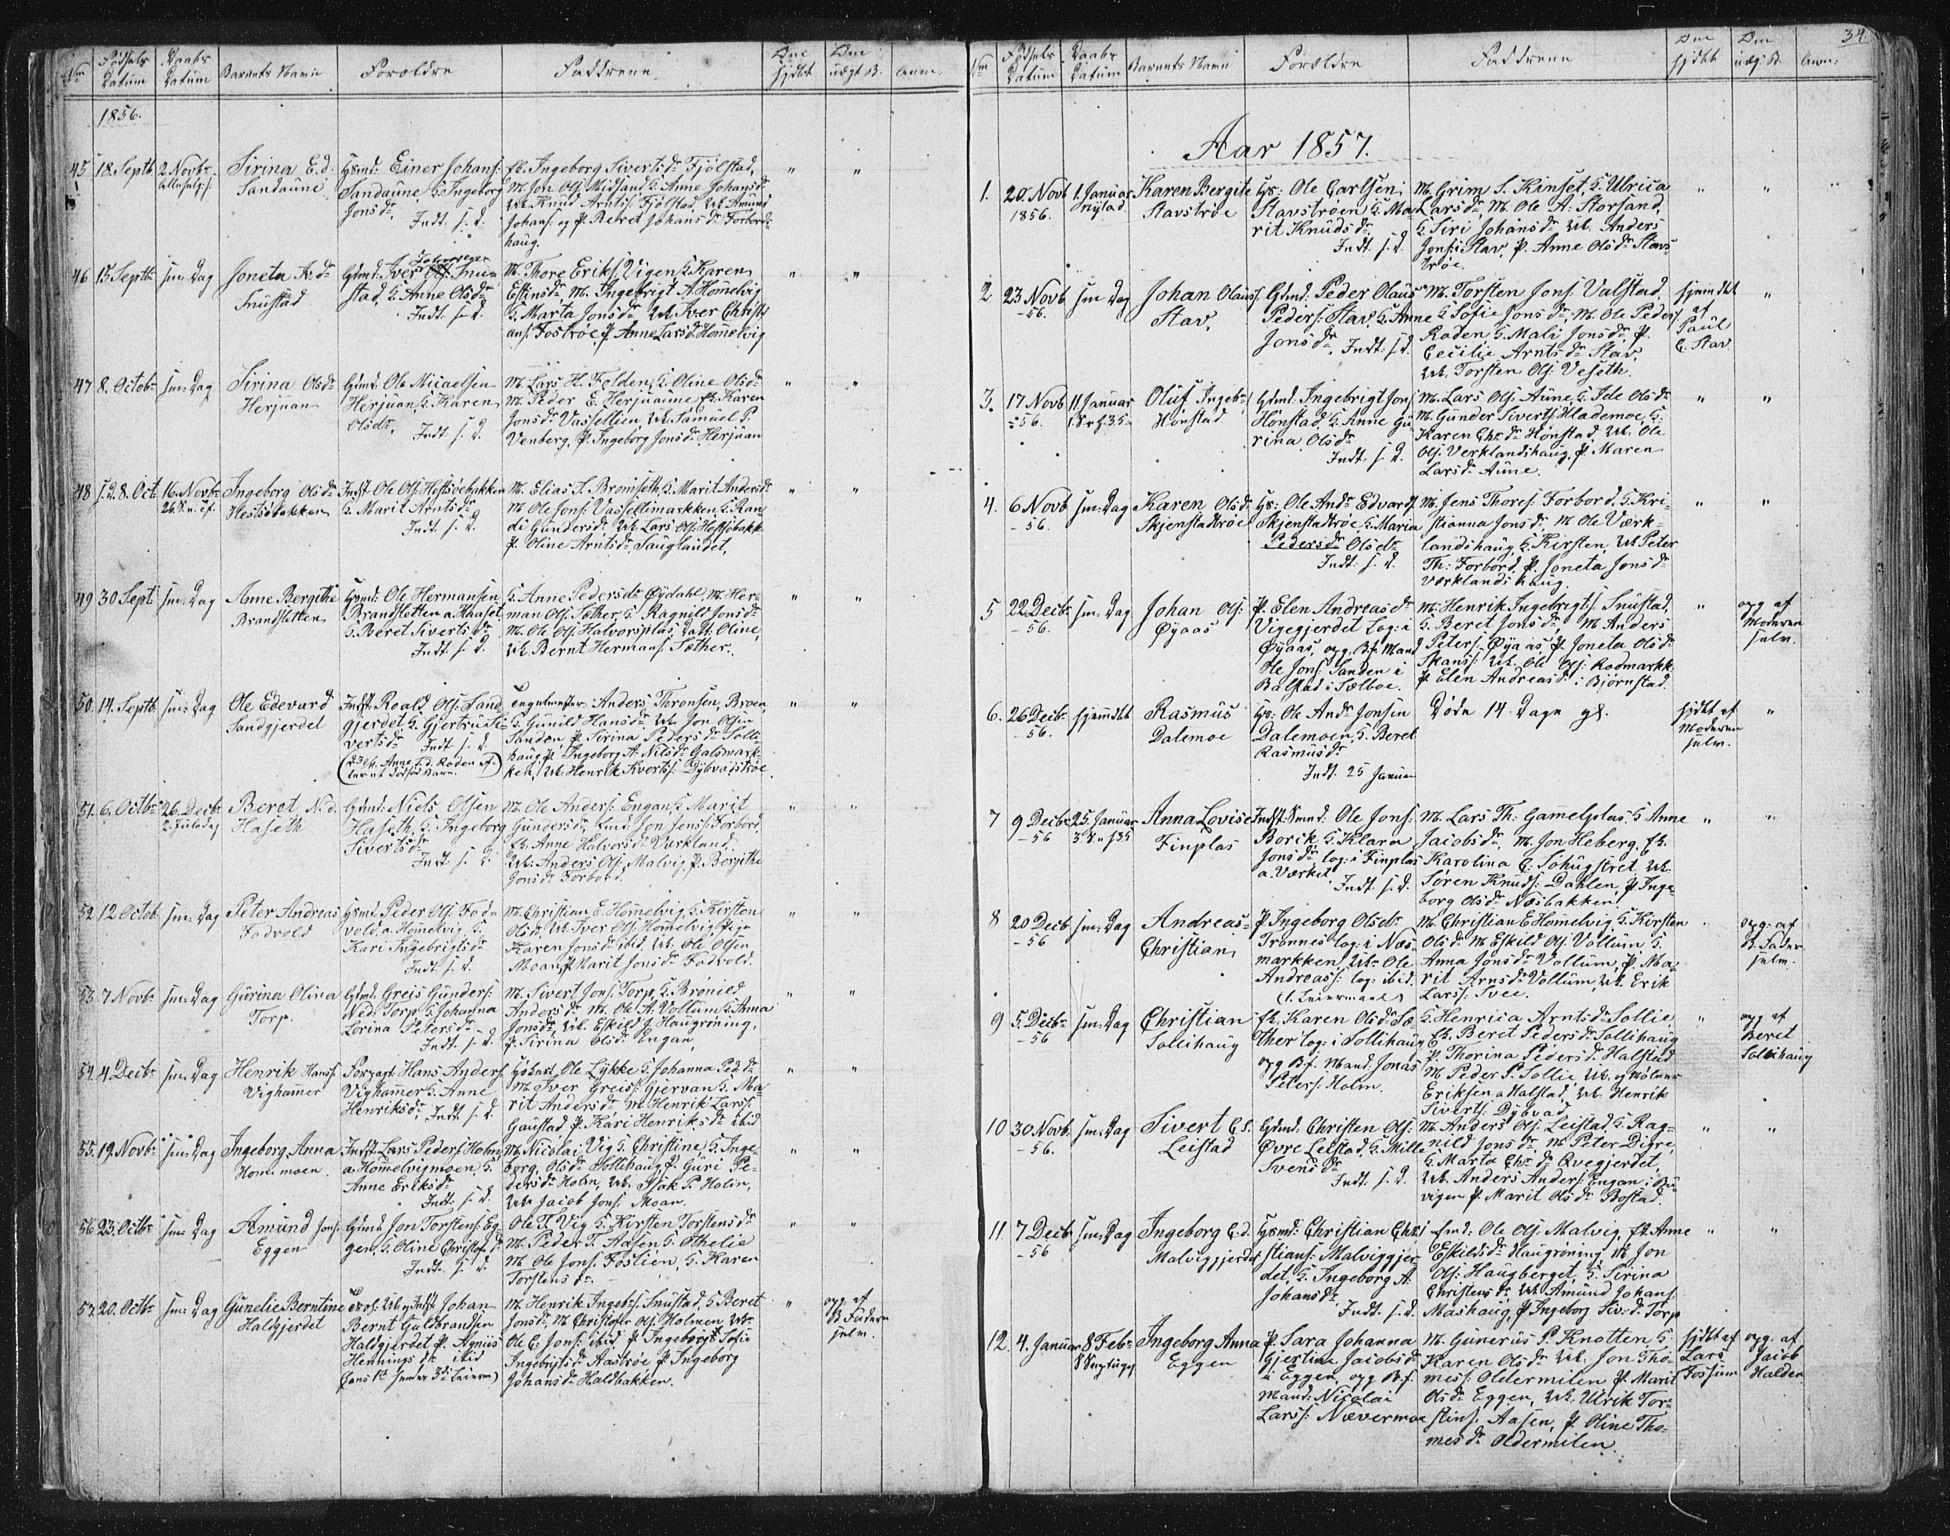 SAT, Ministerialprotokoller, klokkerbøker og fødselsregistre - Sør-Trøndelag, 616/L0406: Ministerialbok nr. 616A03, 1843-1879, s. 34